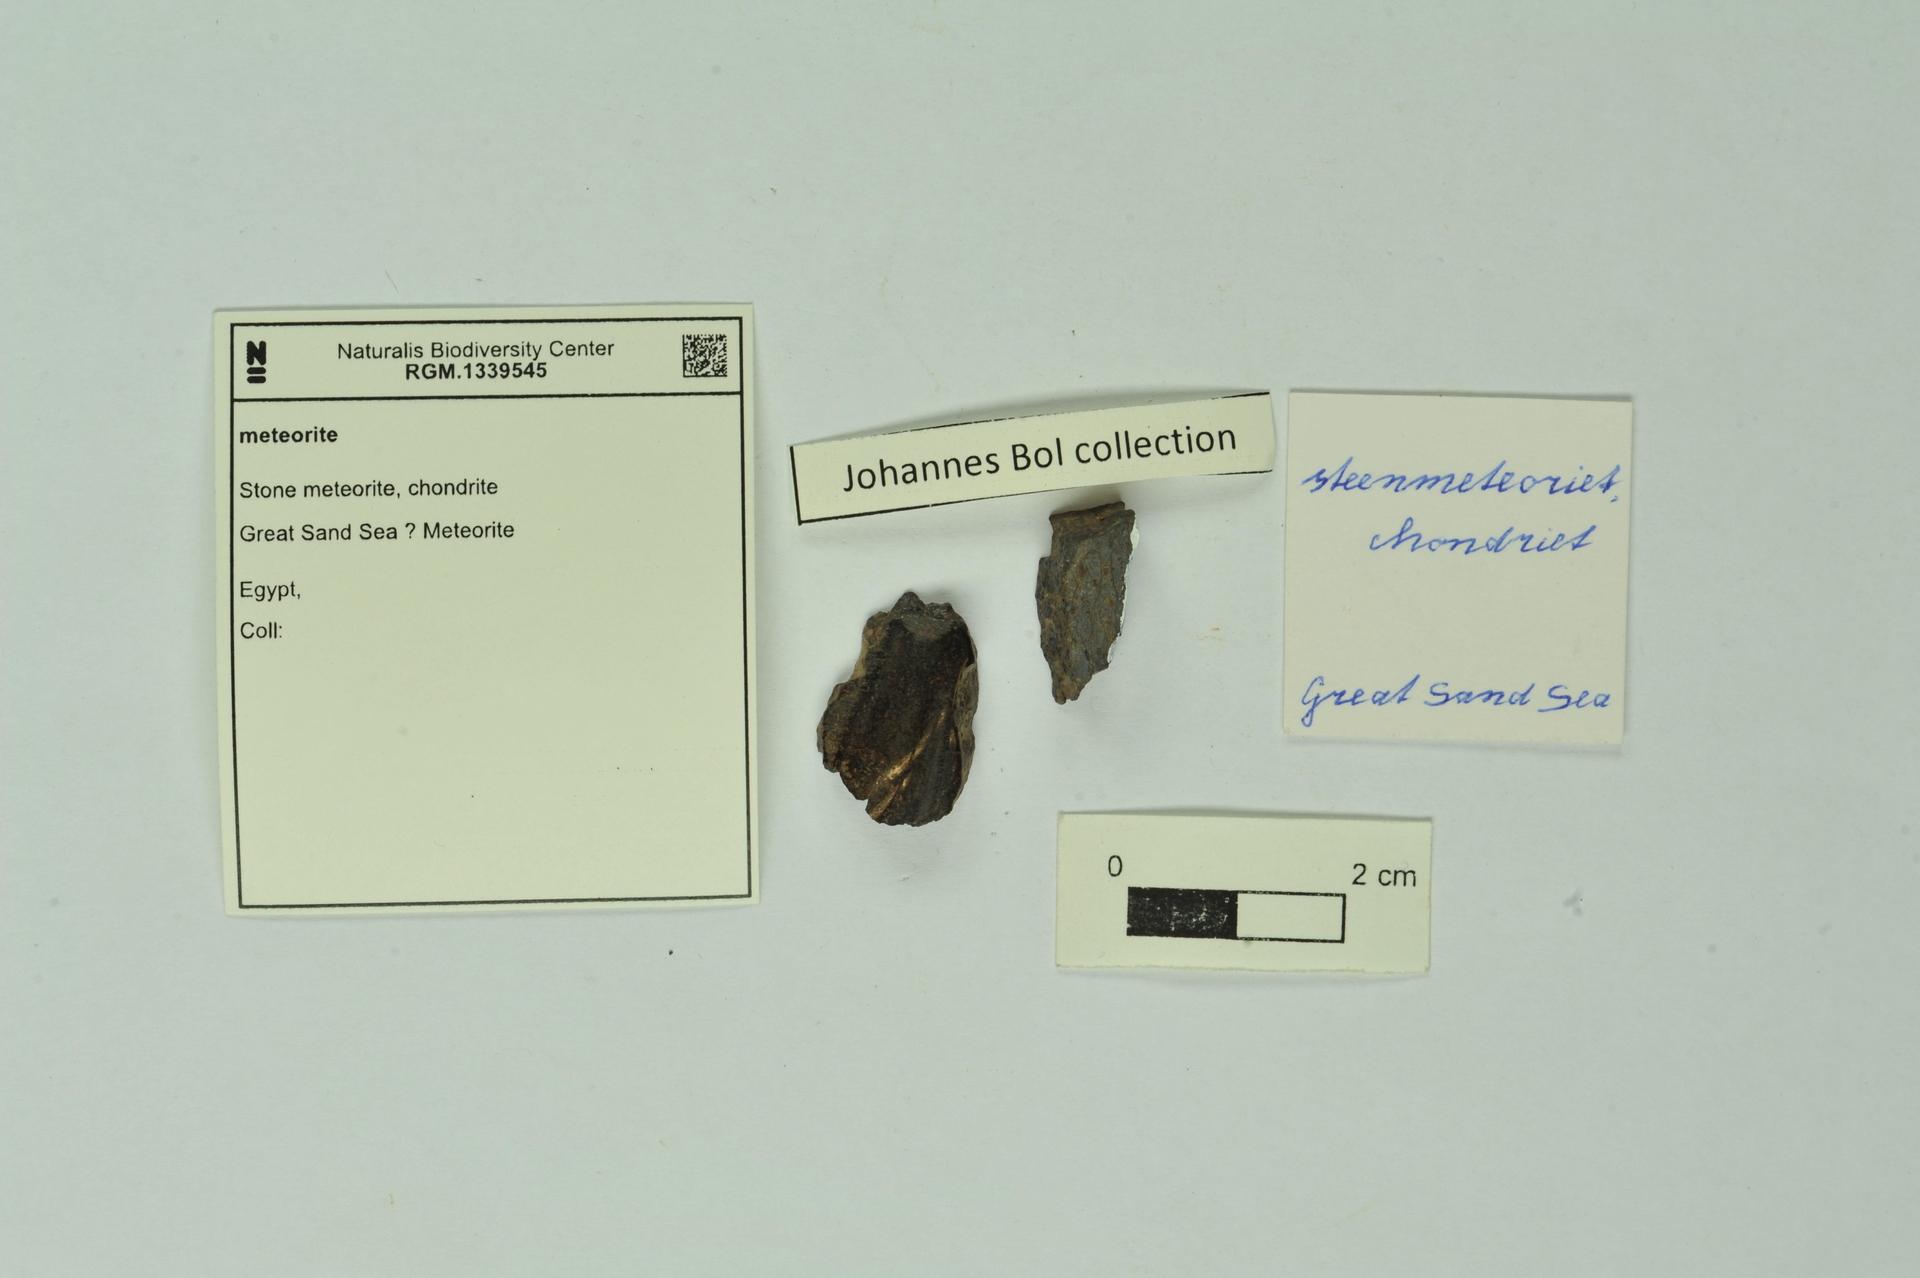 RGM.1339545 | Stone meteorite, chondrite